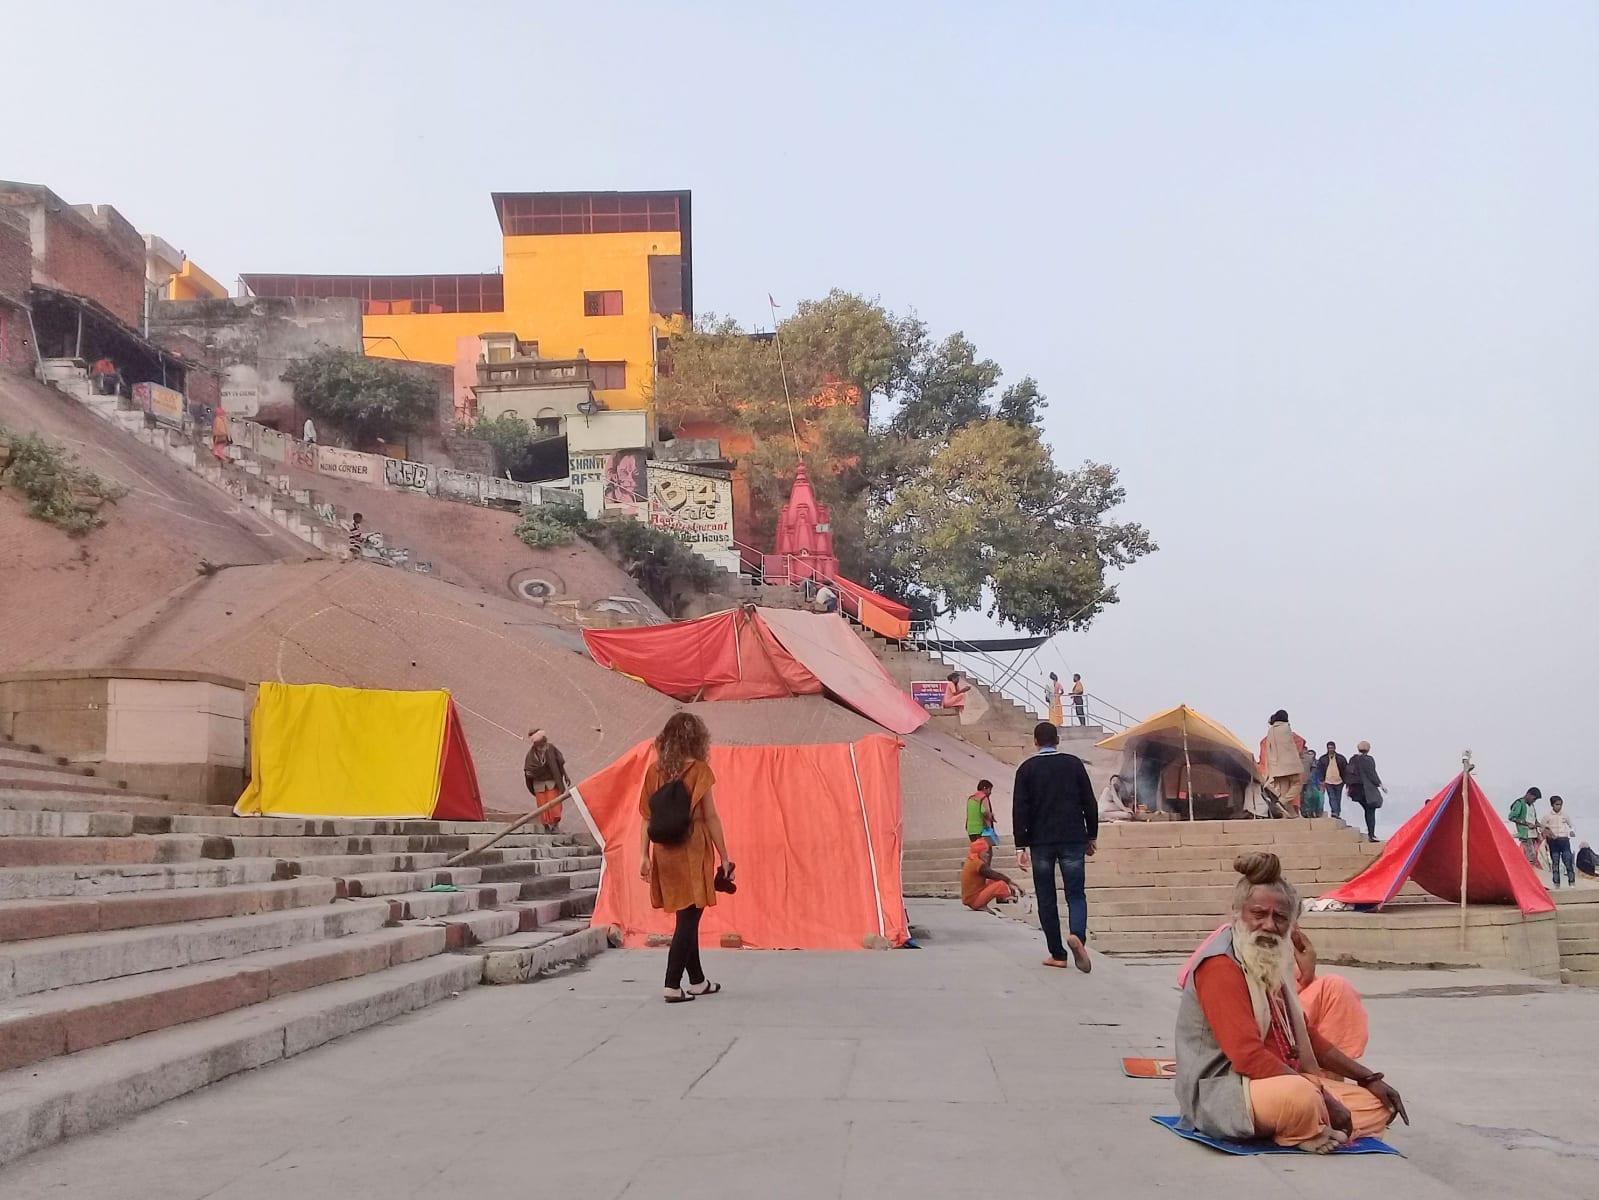 Stany Sádhůs na nábřeží řeky Gangy, Varanásí